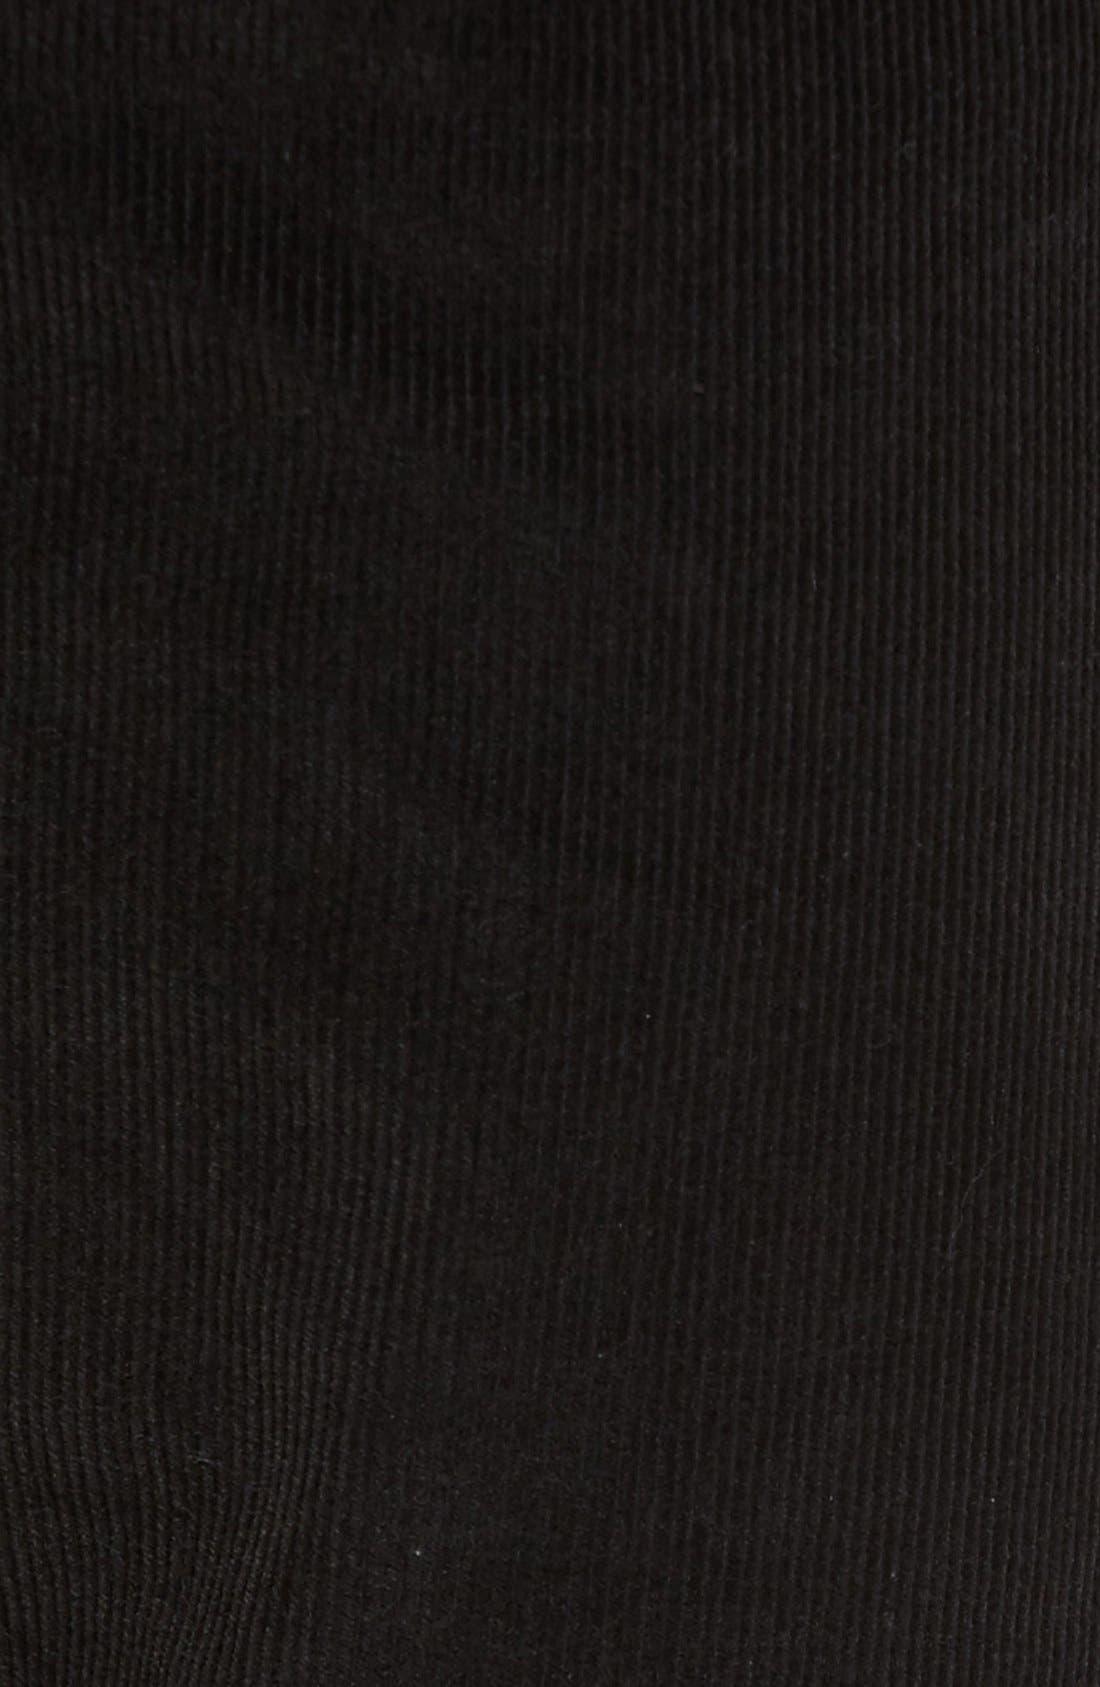 Industrialist Slim Fit Corduroy Pants,                             Alternate thumbnail 5, color,                             001